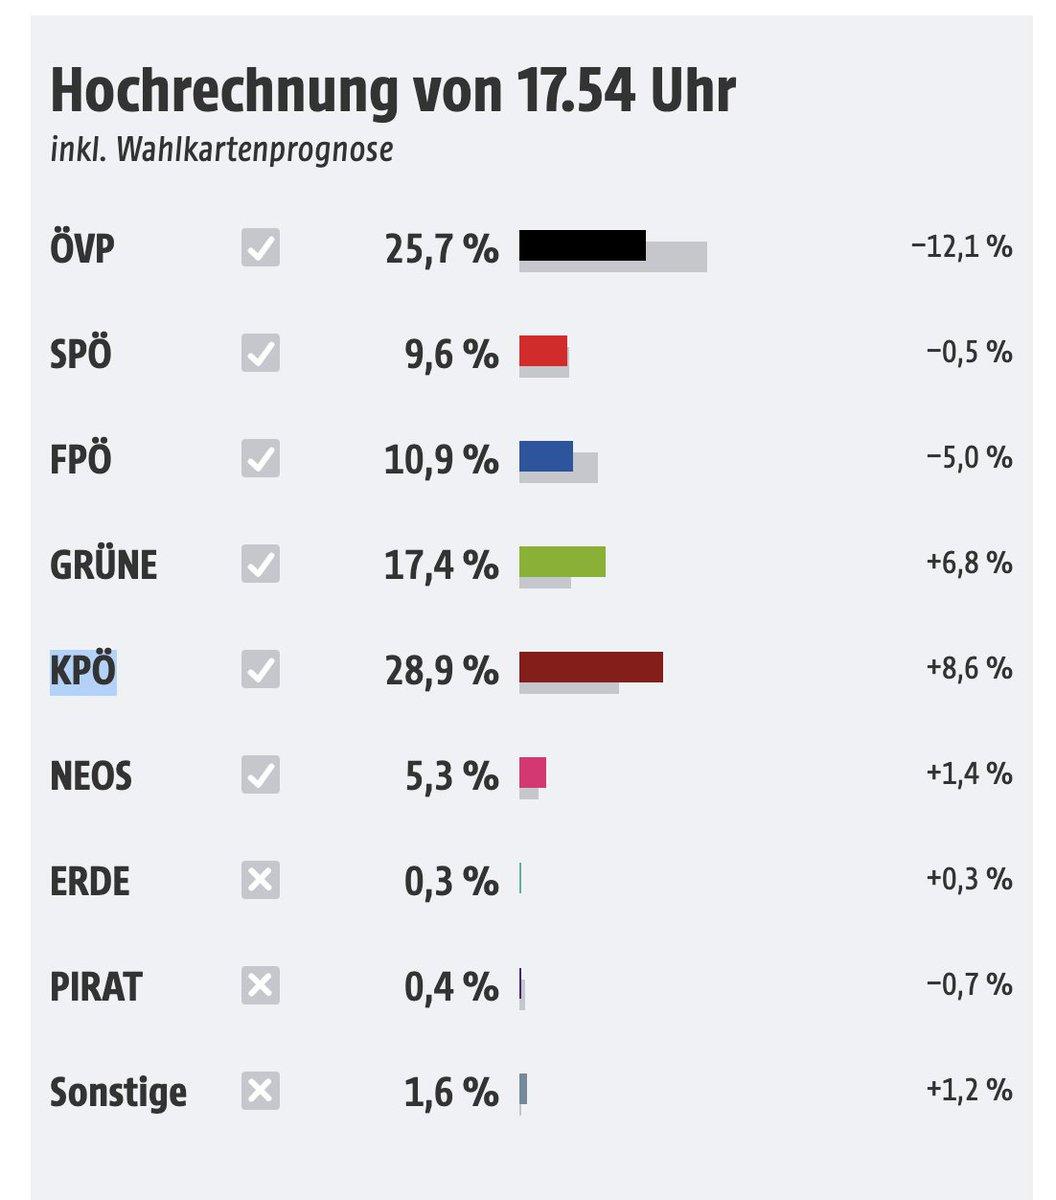 Upam, da za vzpon politične skrajnosti ne bodo krivili naše manjšine, ki je v tej pokrajini koncentrirana ravno v Grazu. Vzpon skrajnih socialističnih strank že brez nacionalnih trenj večinoma pripelje do manj politične stabilnosti in več napetosti v družbi.